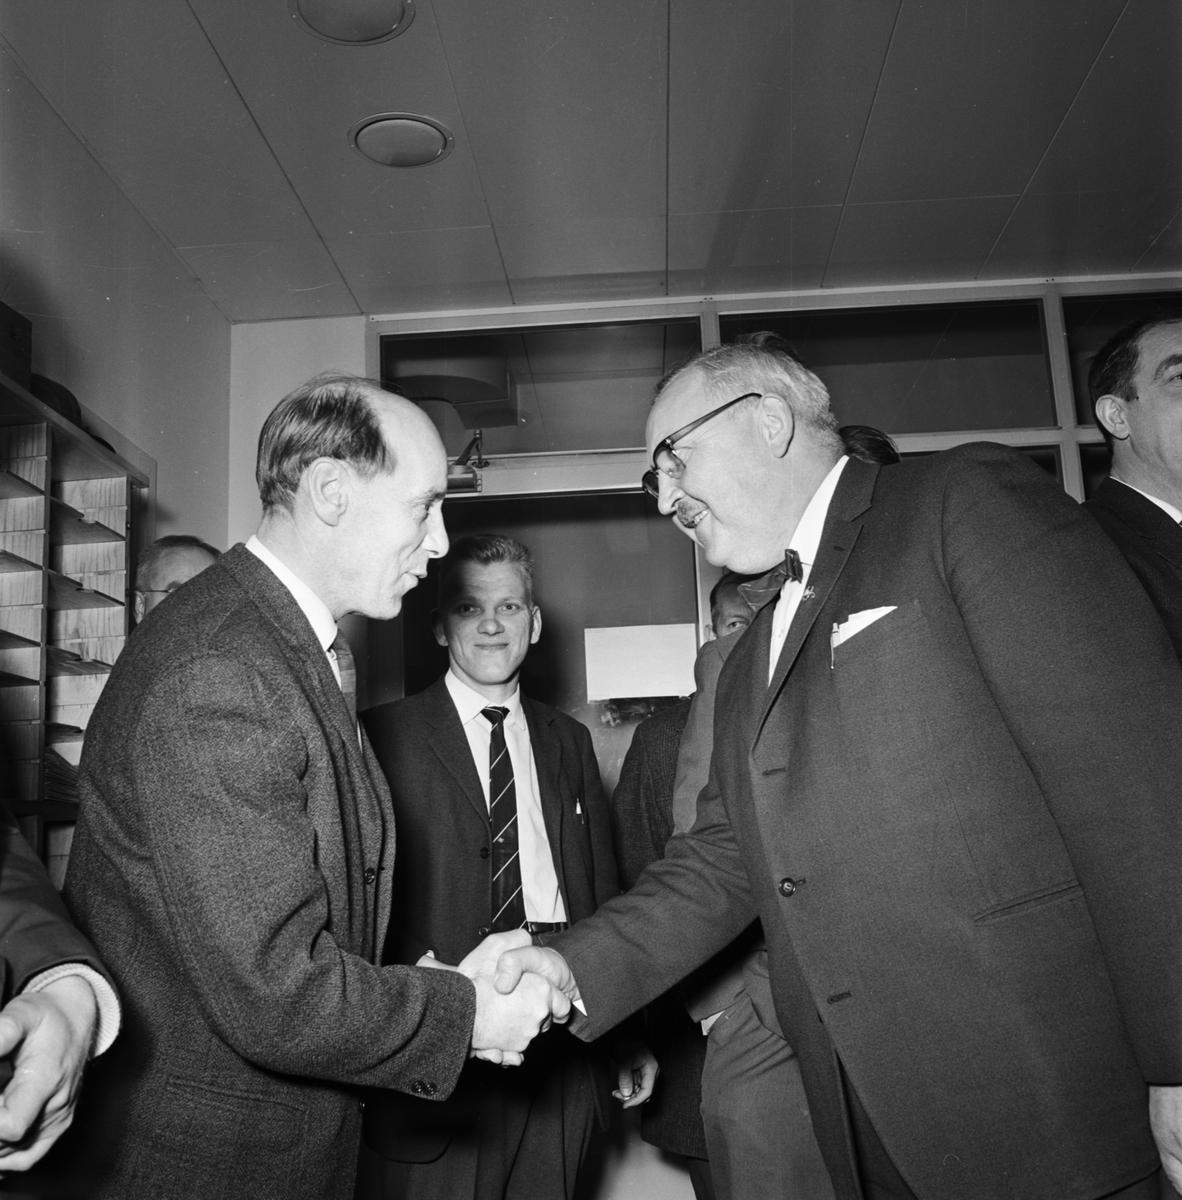 Övrigt: Foto datum: 9/4 1964 Verkstäder och personal. Ingenjör Persbeck plåtverkstan avtackas